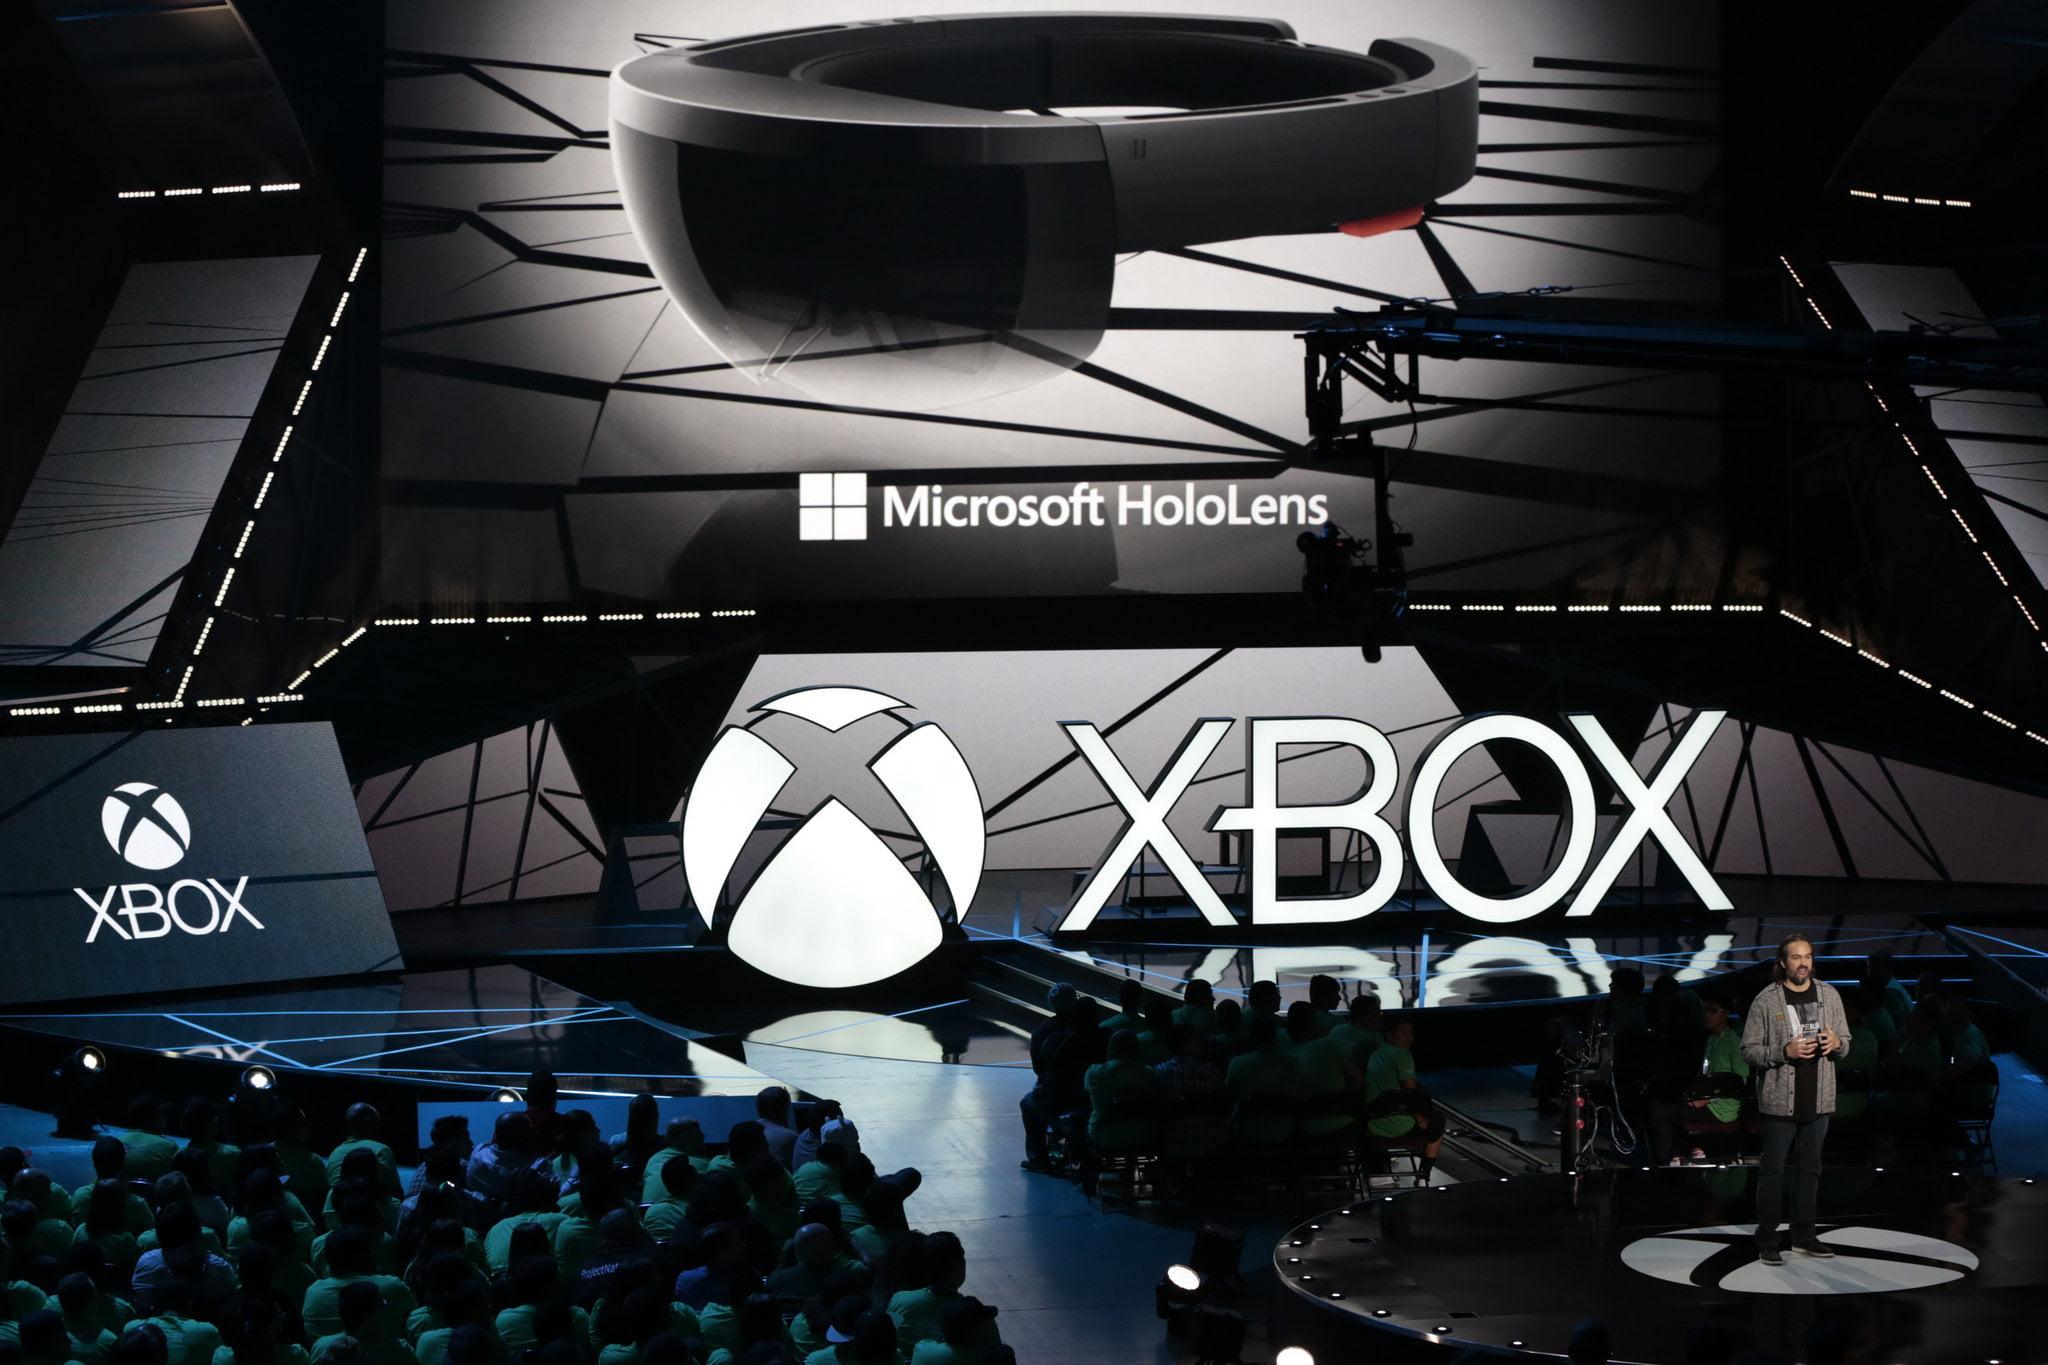 Presentación de Xbox con las Hololens